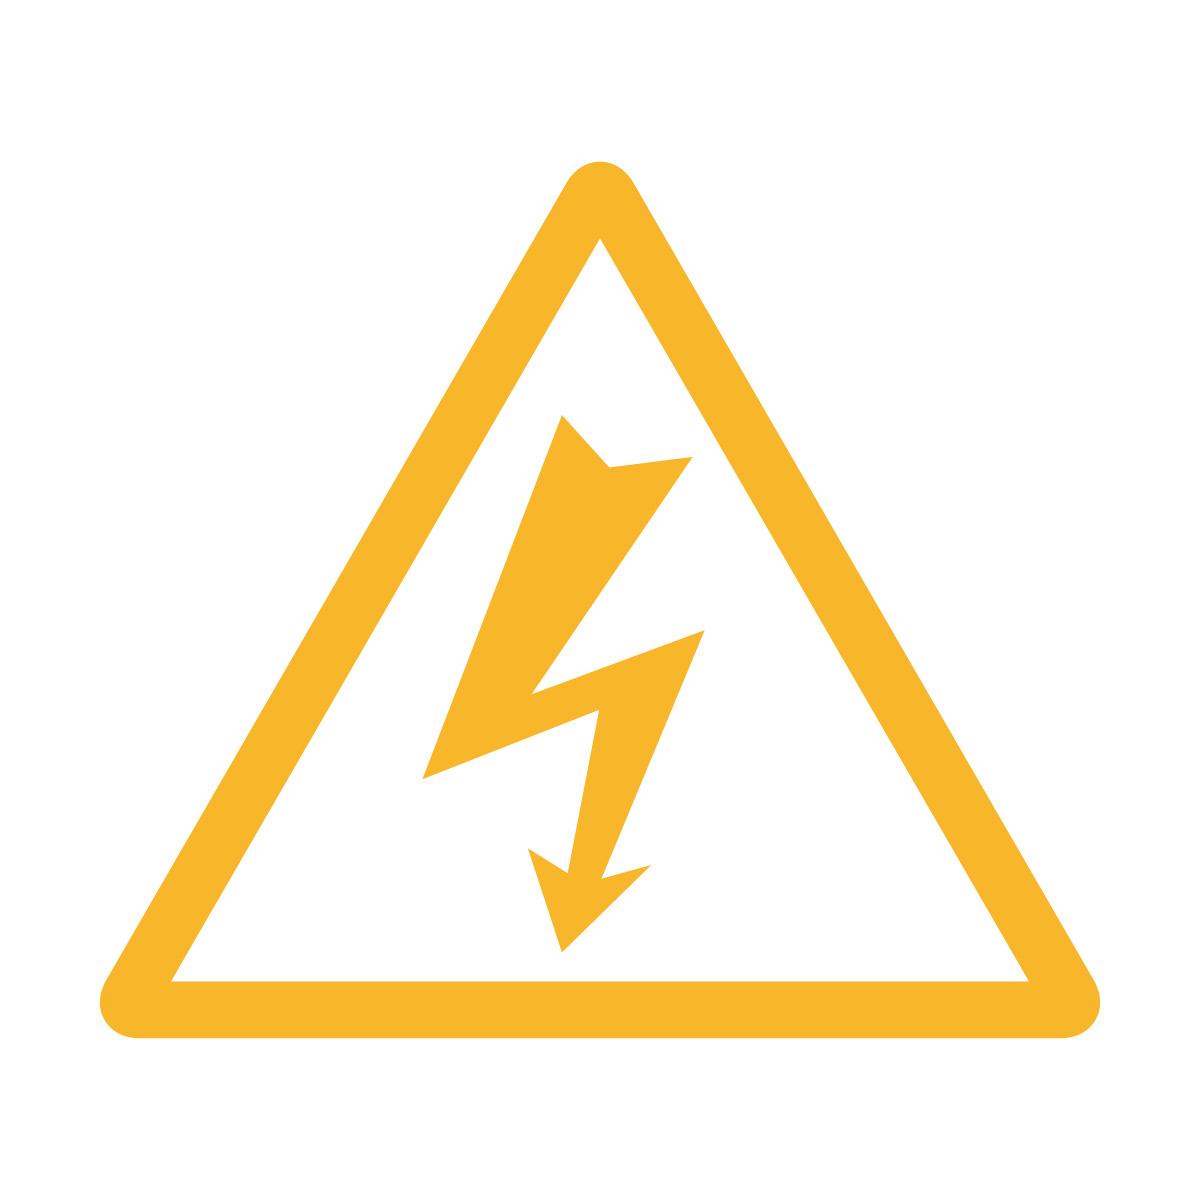 黄色の感電・高圧電気注意マークのカッティングステッカー・シール 光沢タイプ・防水・耐水・屋外耐候3~4年